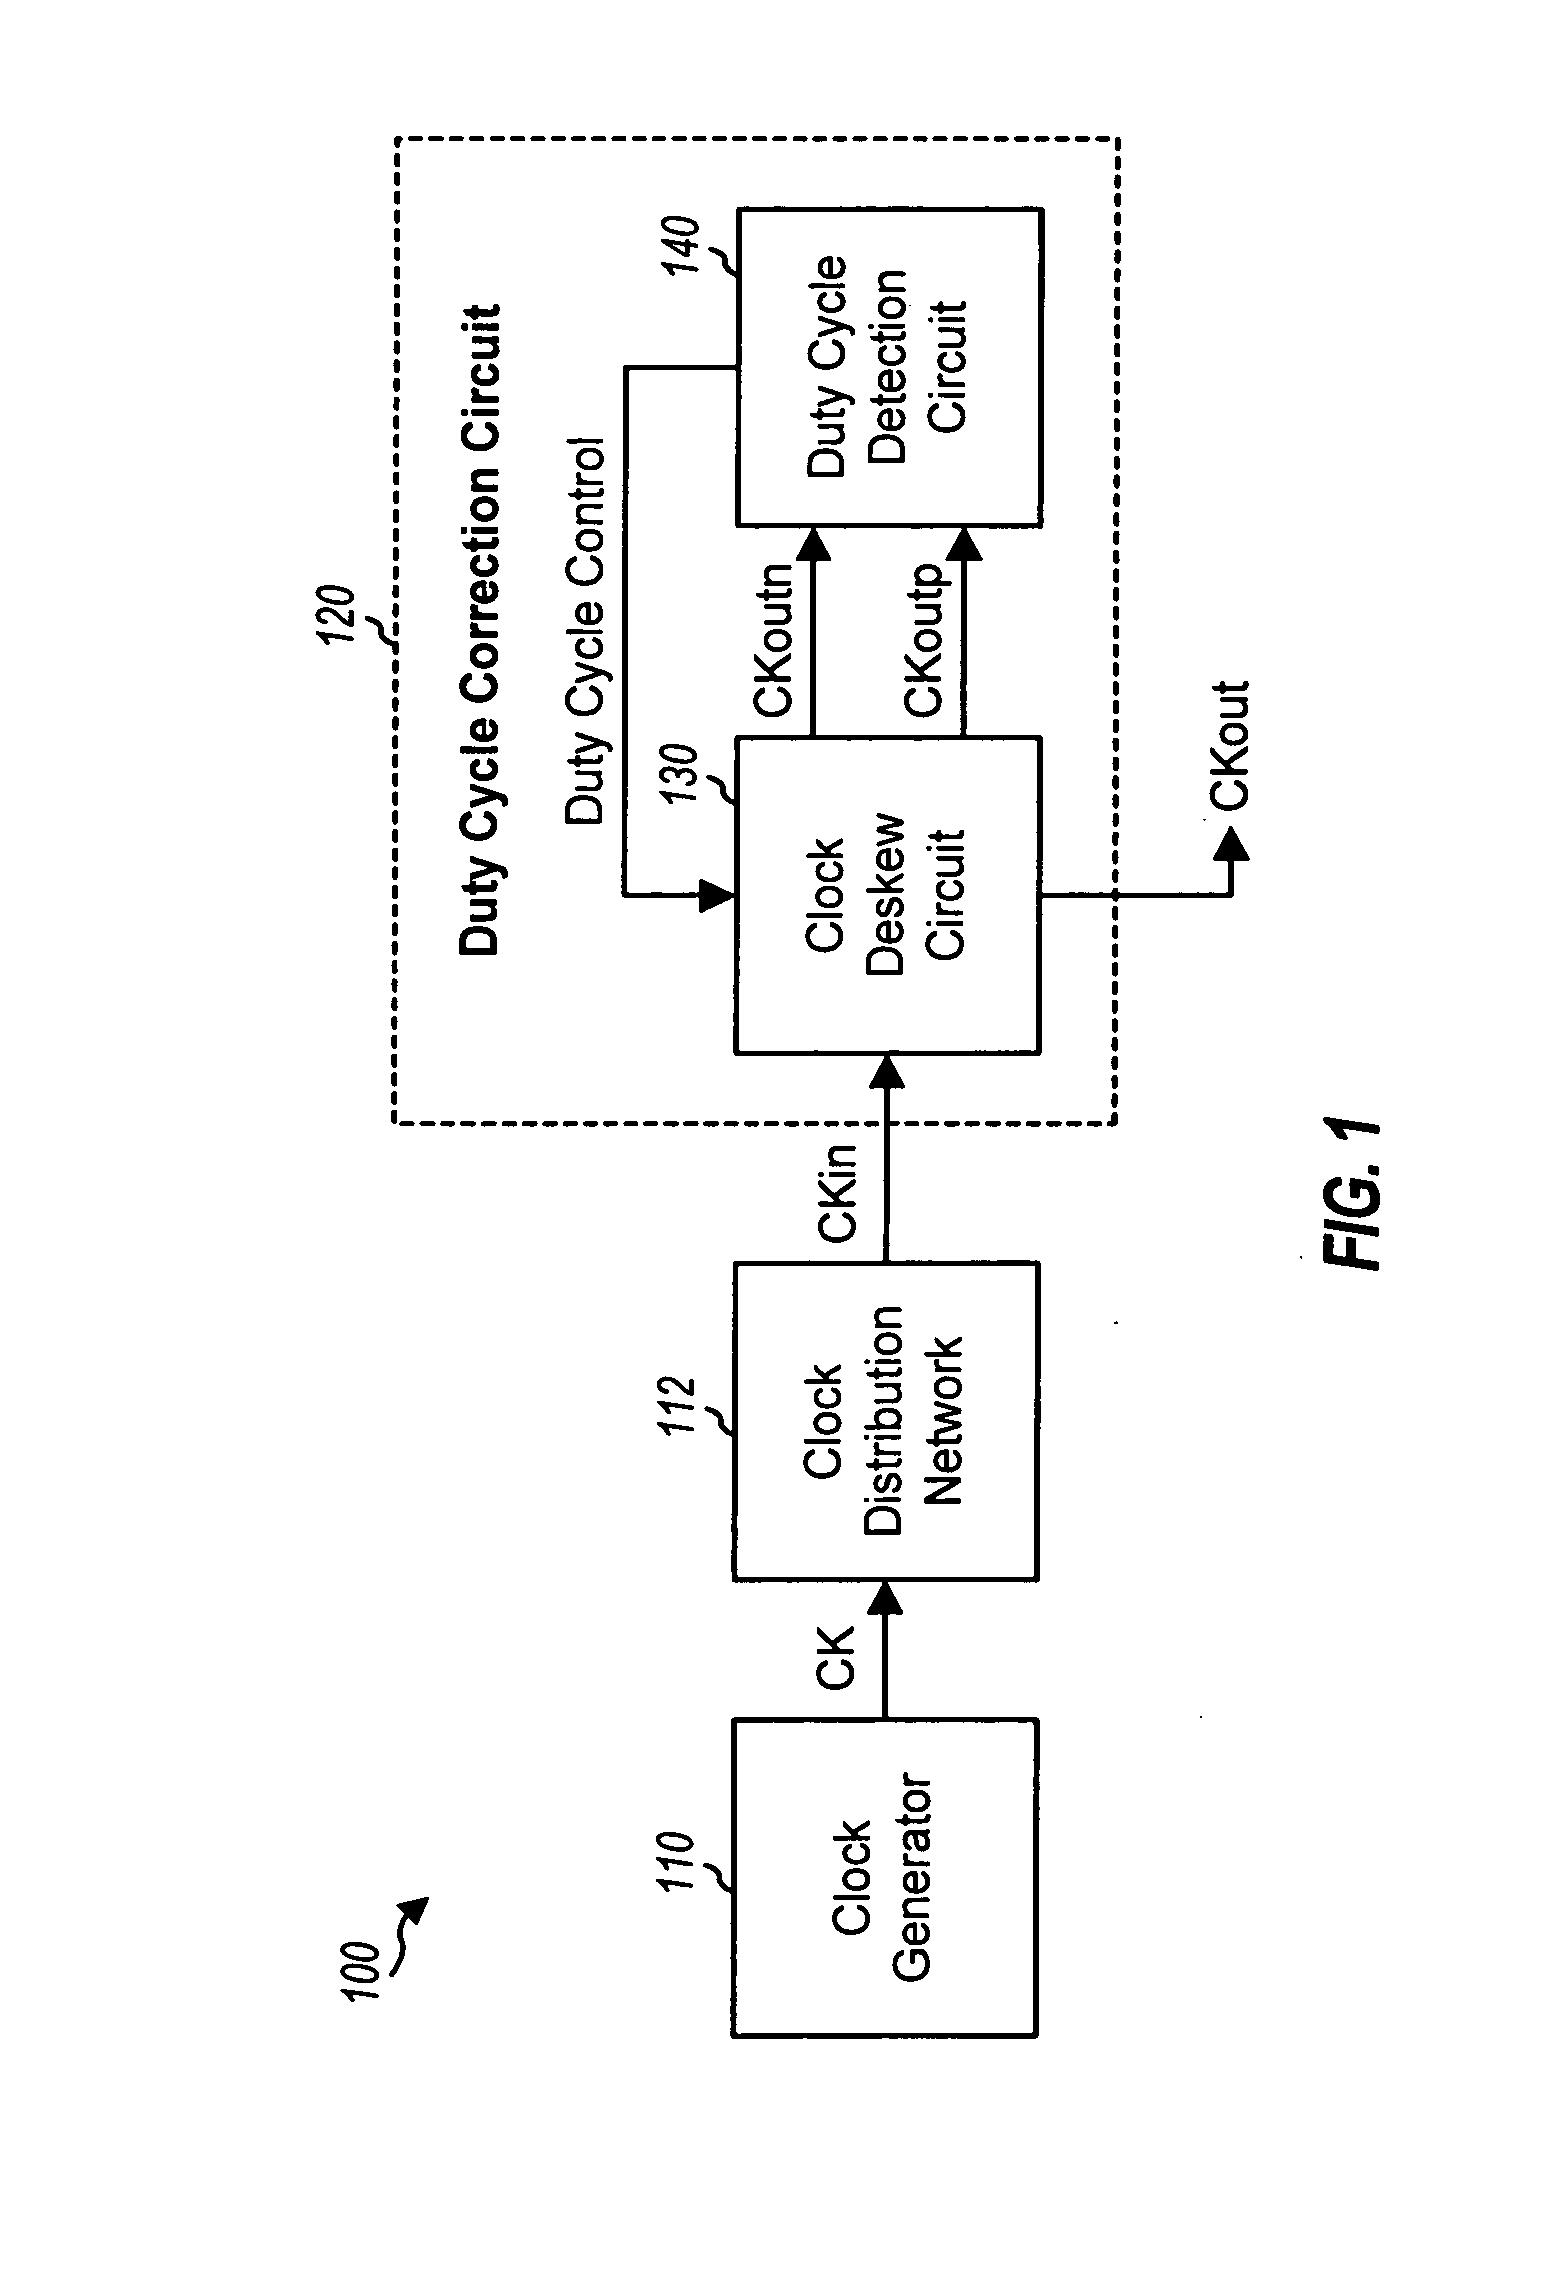 Ευρεσιτεχνίες US20070290730 - Duty cycle correction circuit - Ευρεσιτεχνίες Google